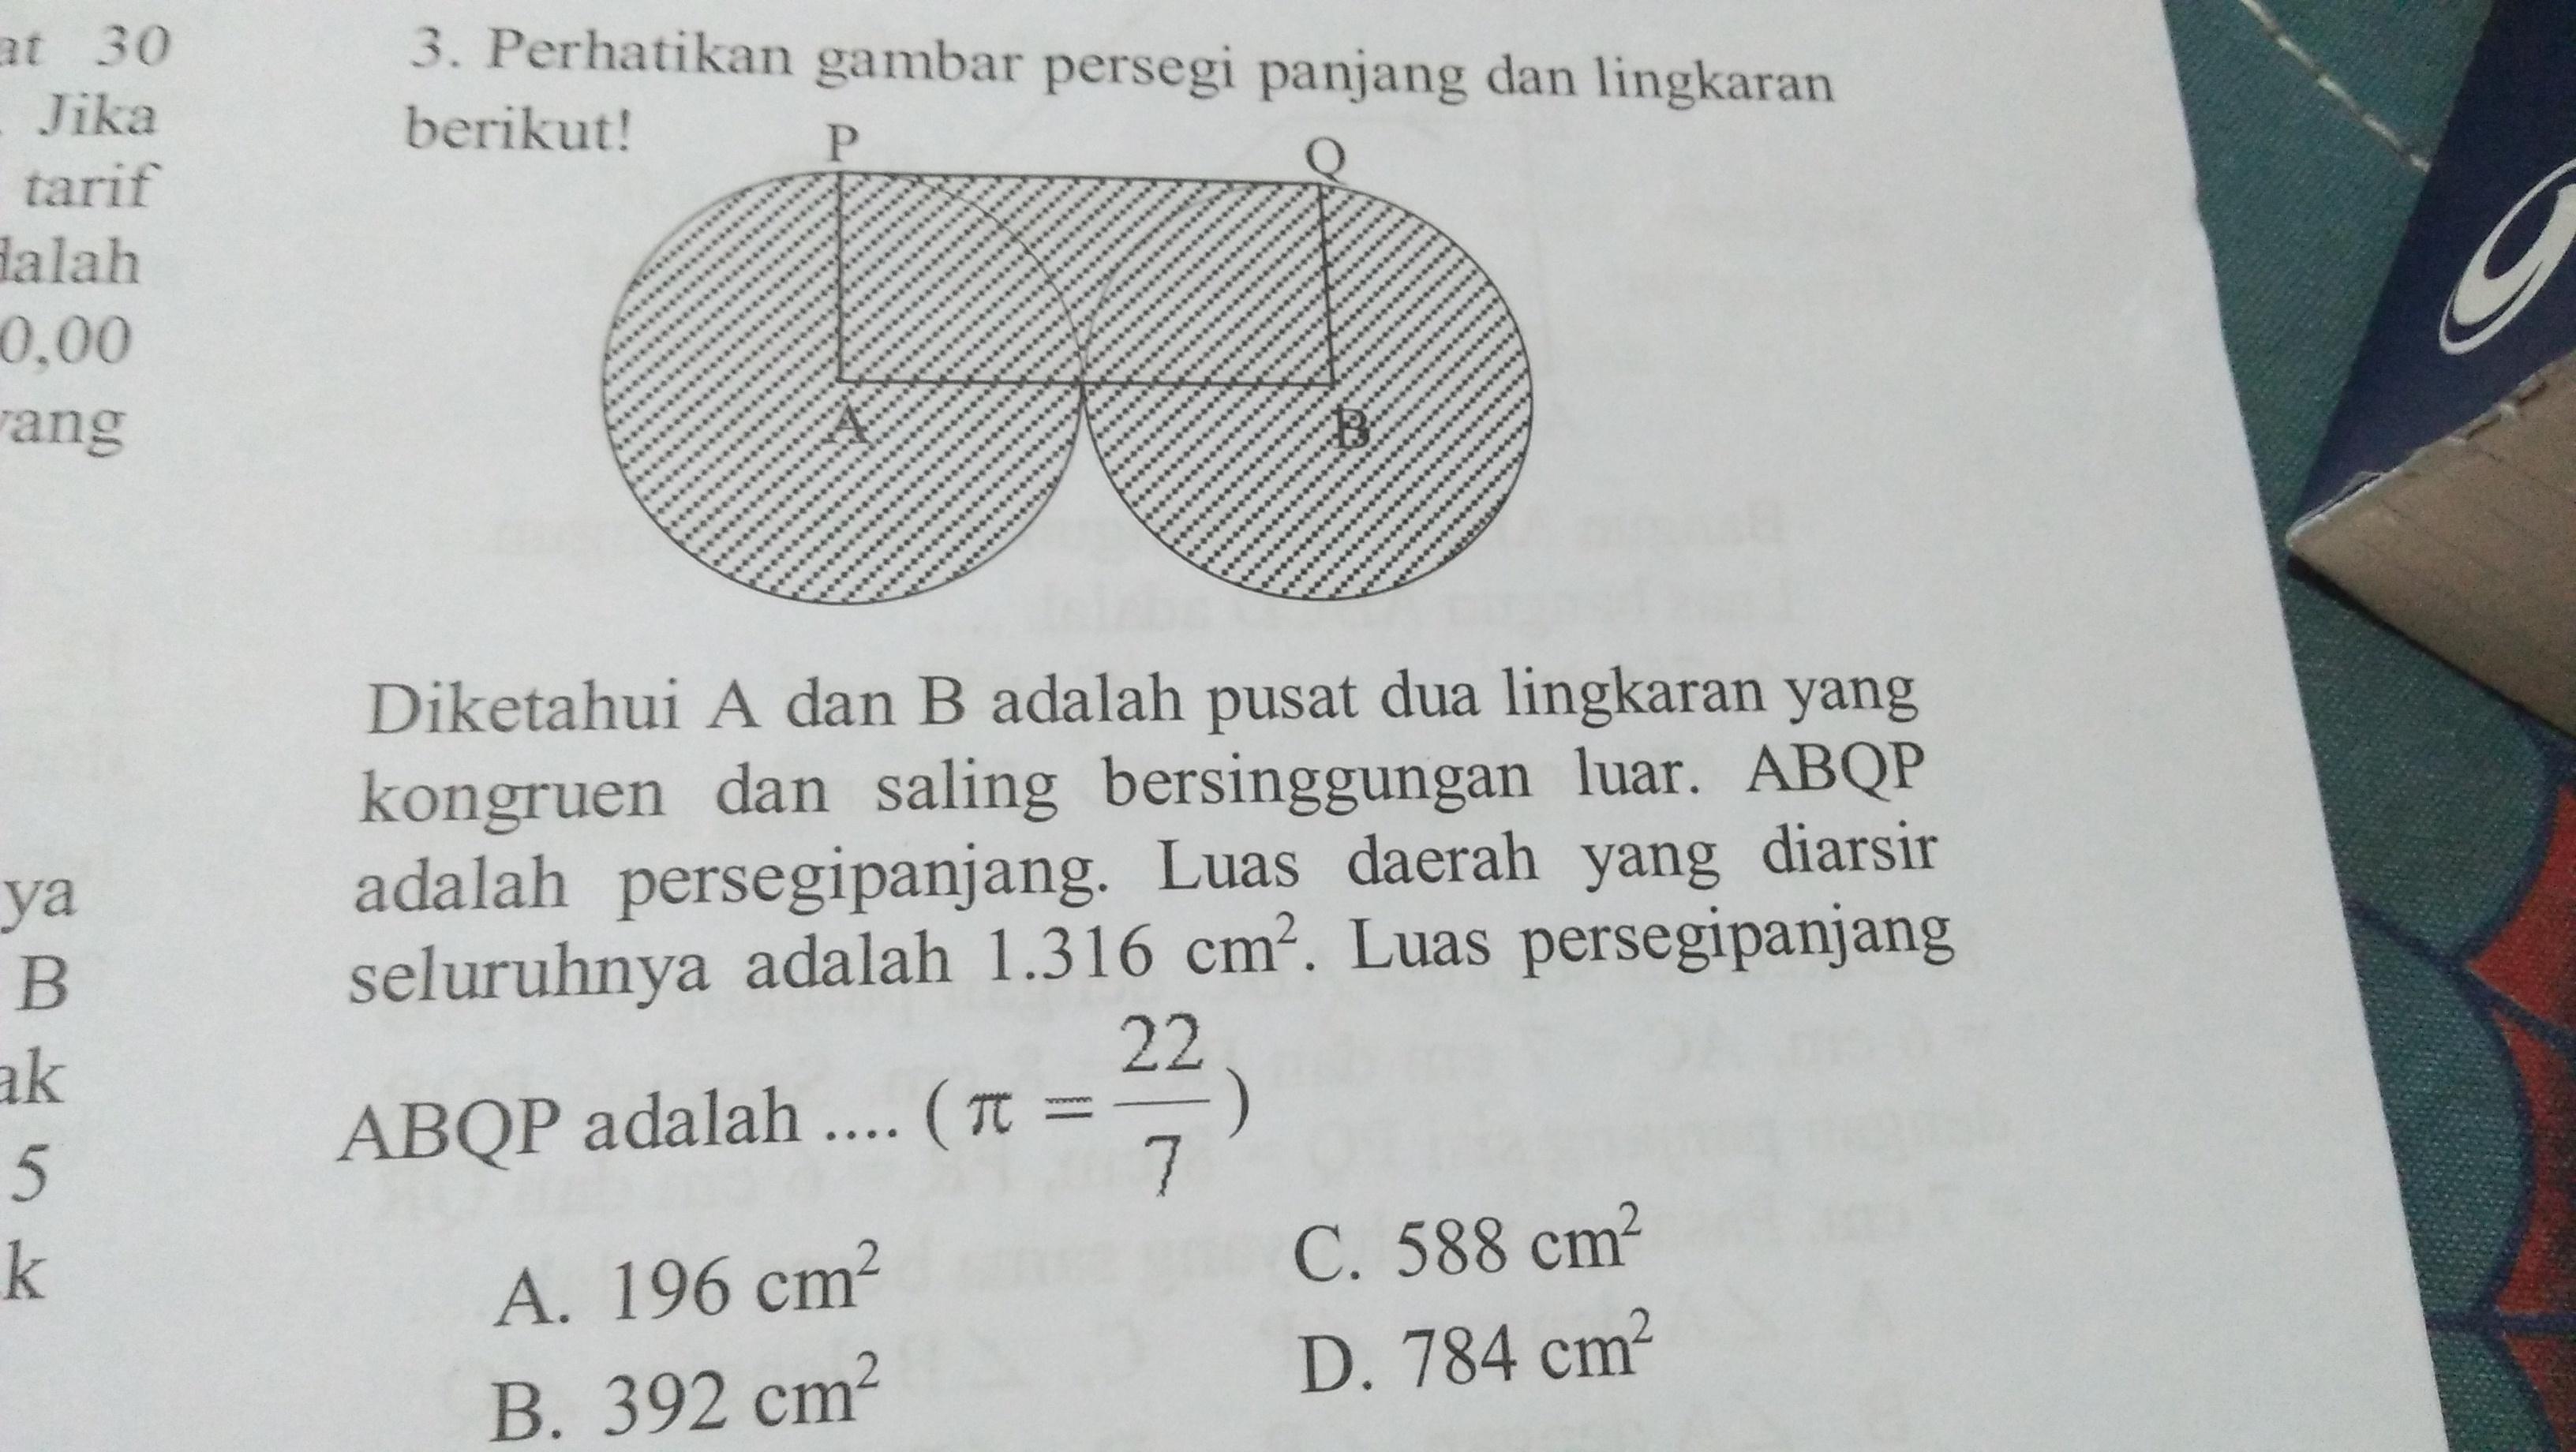 Diketahui a dan b adalah pusat dua lingkaran yang kongruen dan 2018 08 20 03 46 01 Unduh Iklan